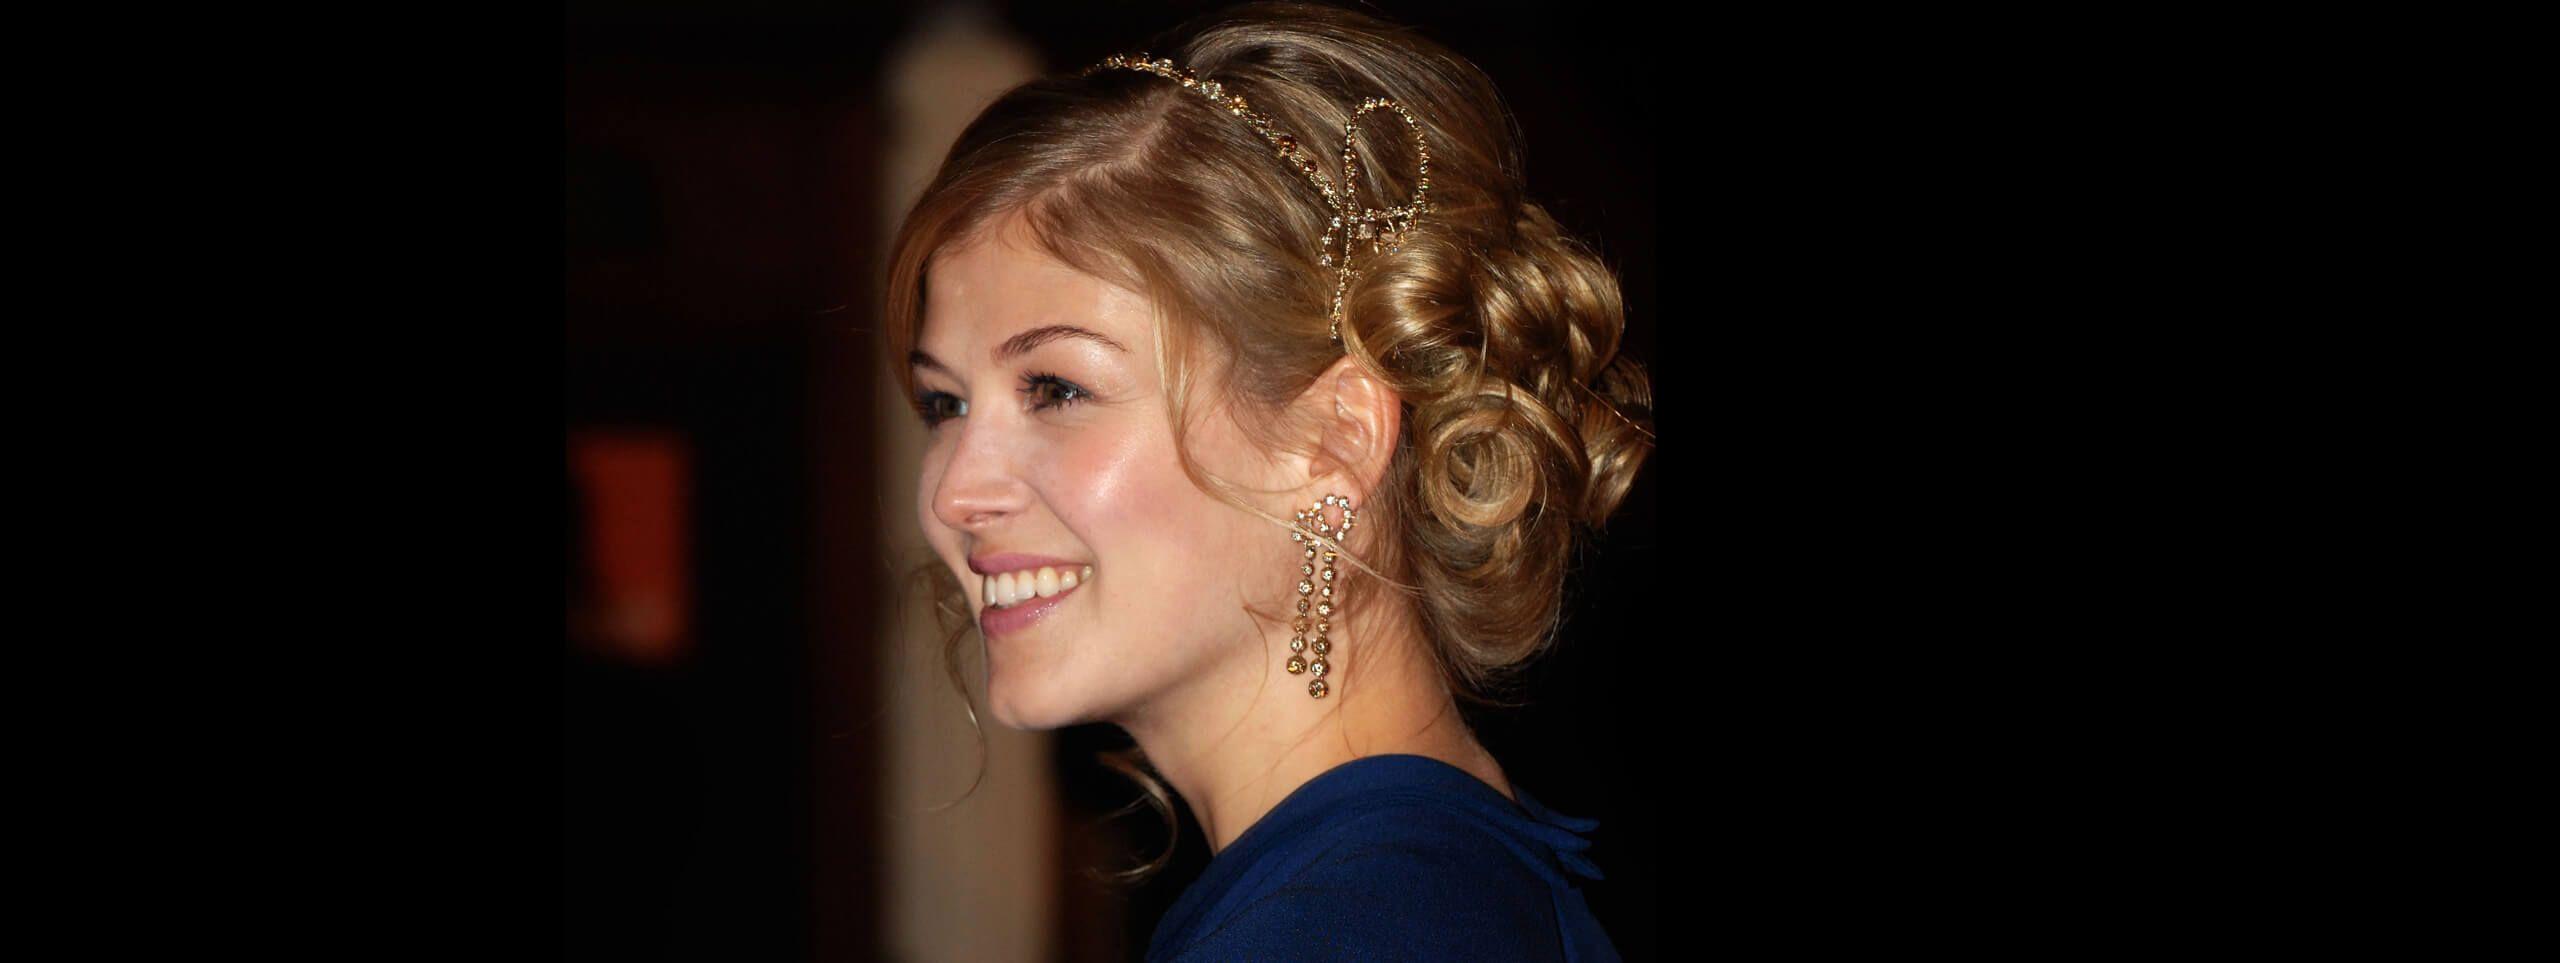 Rosamund Pike z biżuterią we włosach